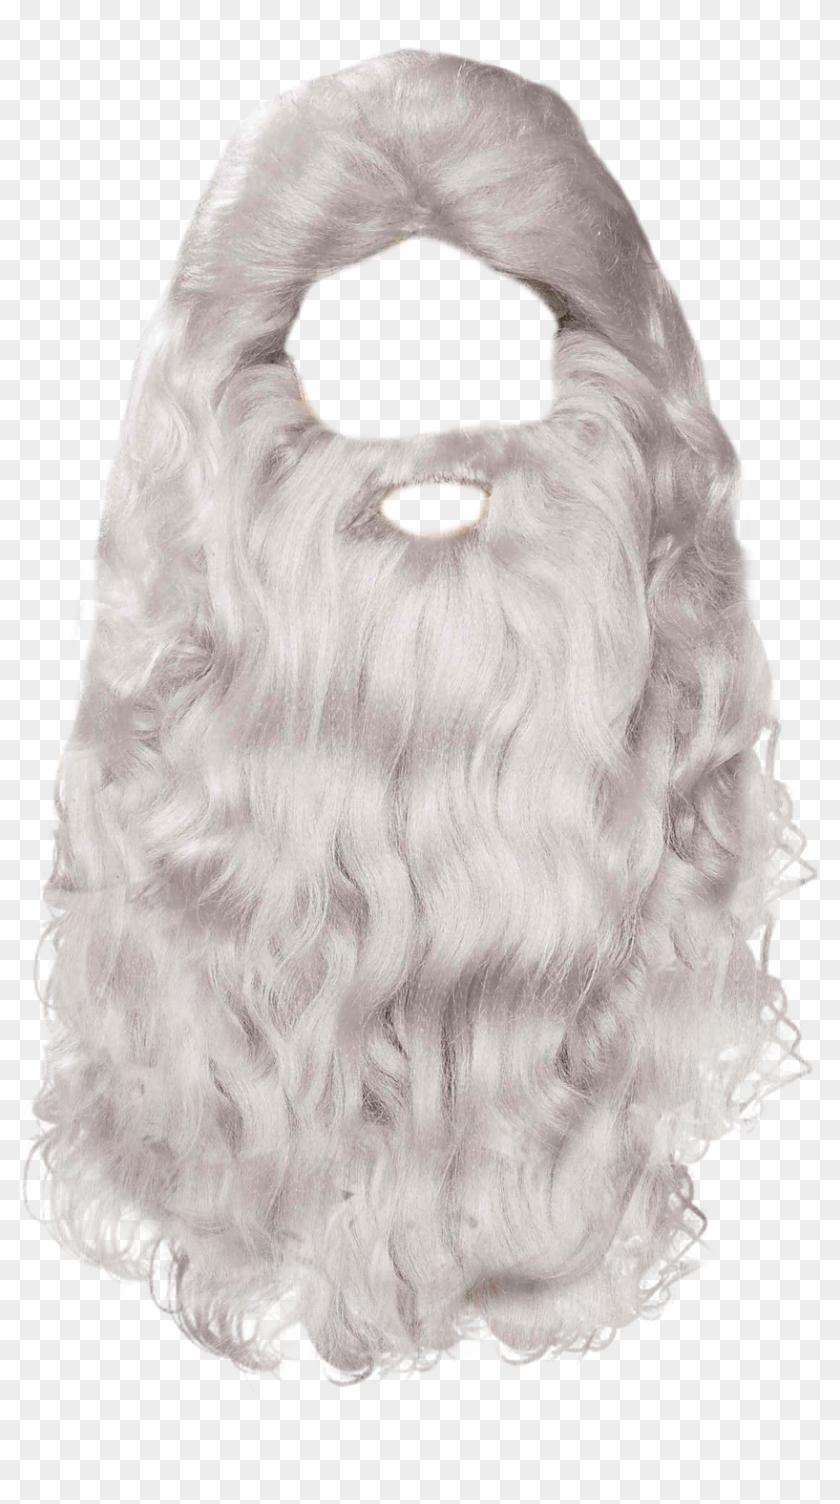 Beard Png Transparent Image.